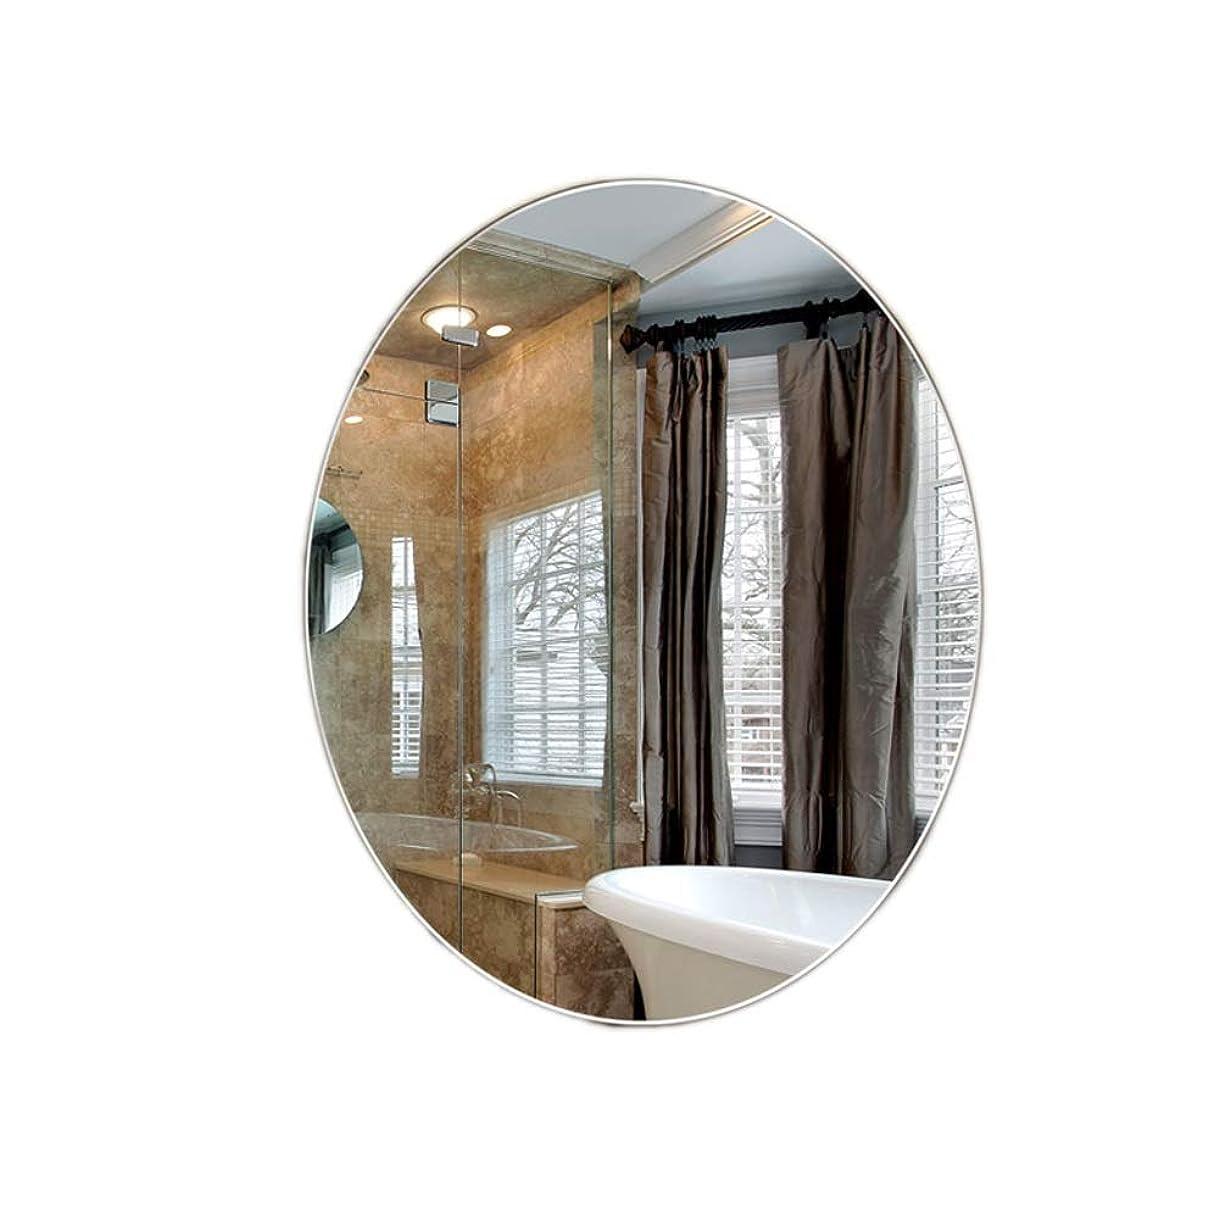 ステレオお互い欠陥現代の壁に取り付けられた浴室ミラーをミラーします。楕円形のバスルームミラー 銅を含まないシルバーミラーバスルームミラー ハンギングフレームレスバスルームミラーファイングラインドエッジ5mm(サイズ:50x70cm)